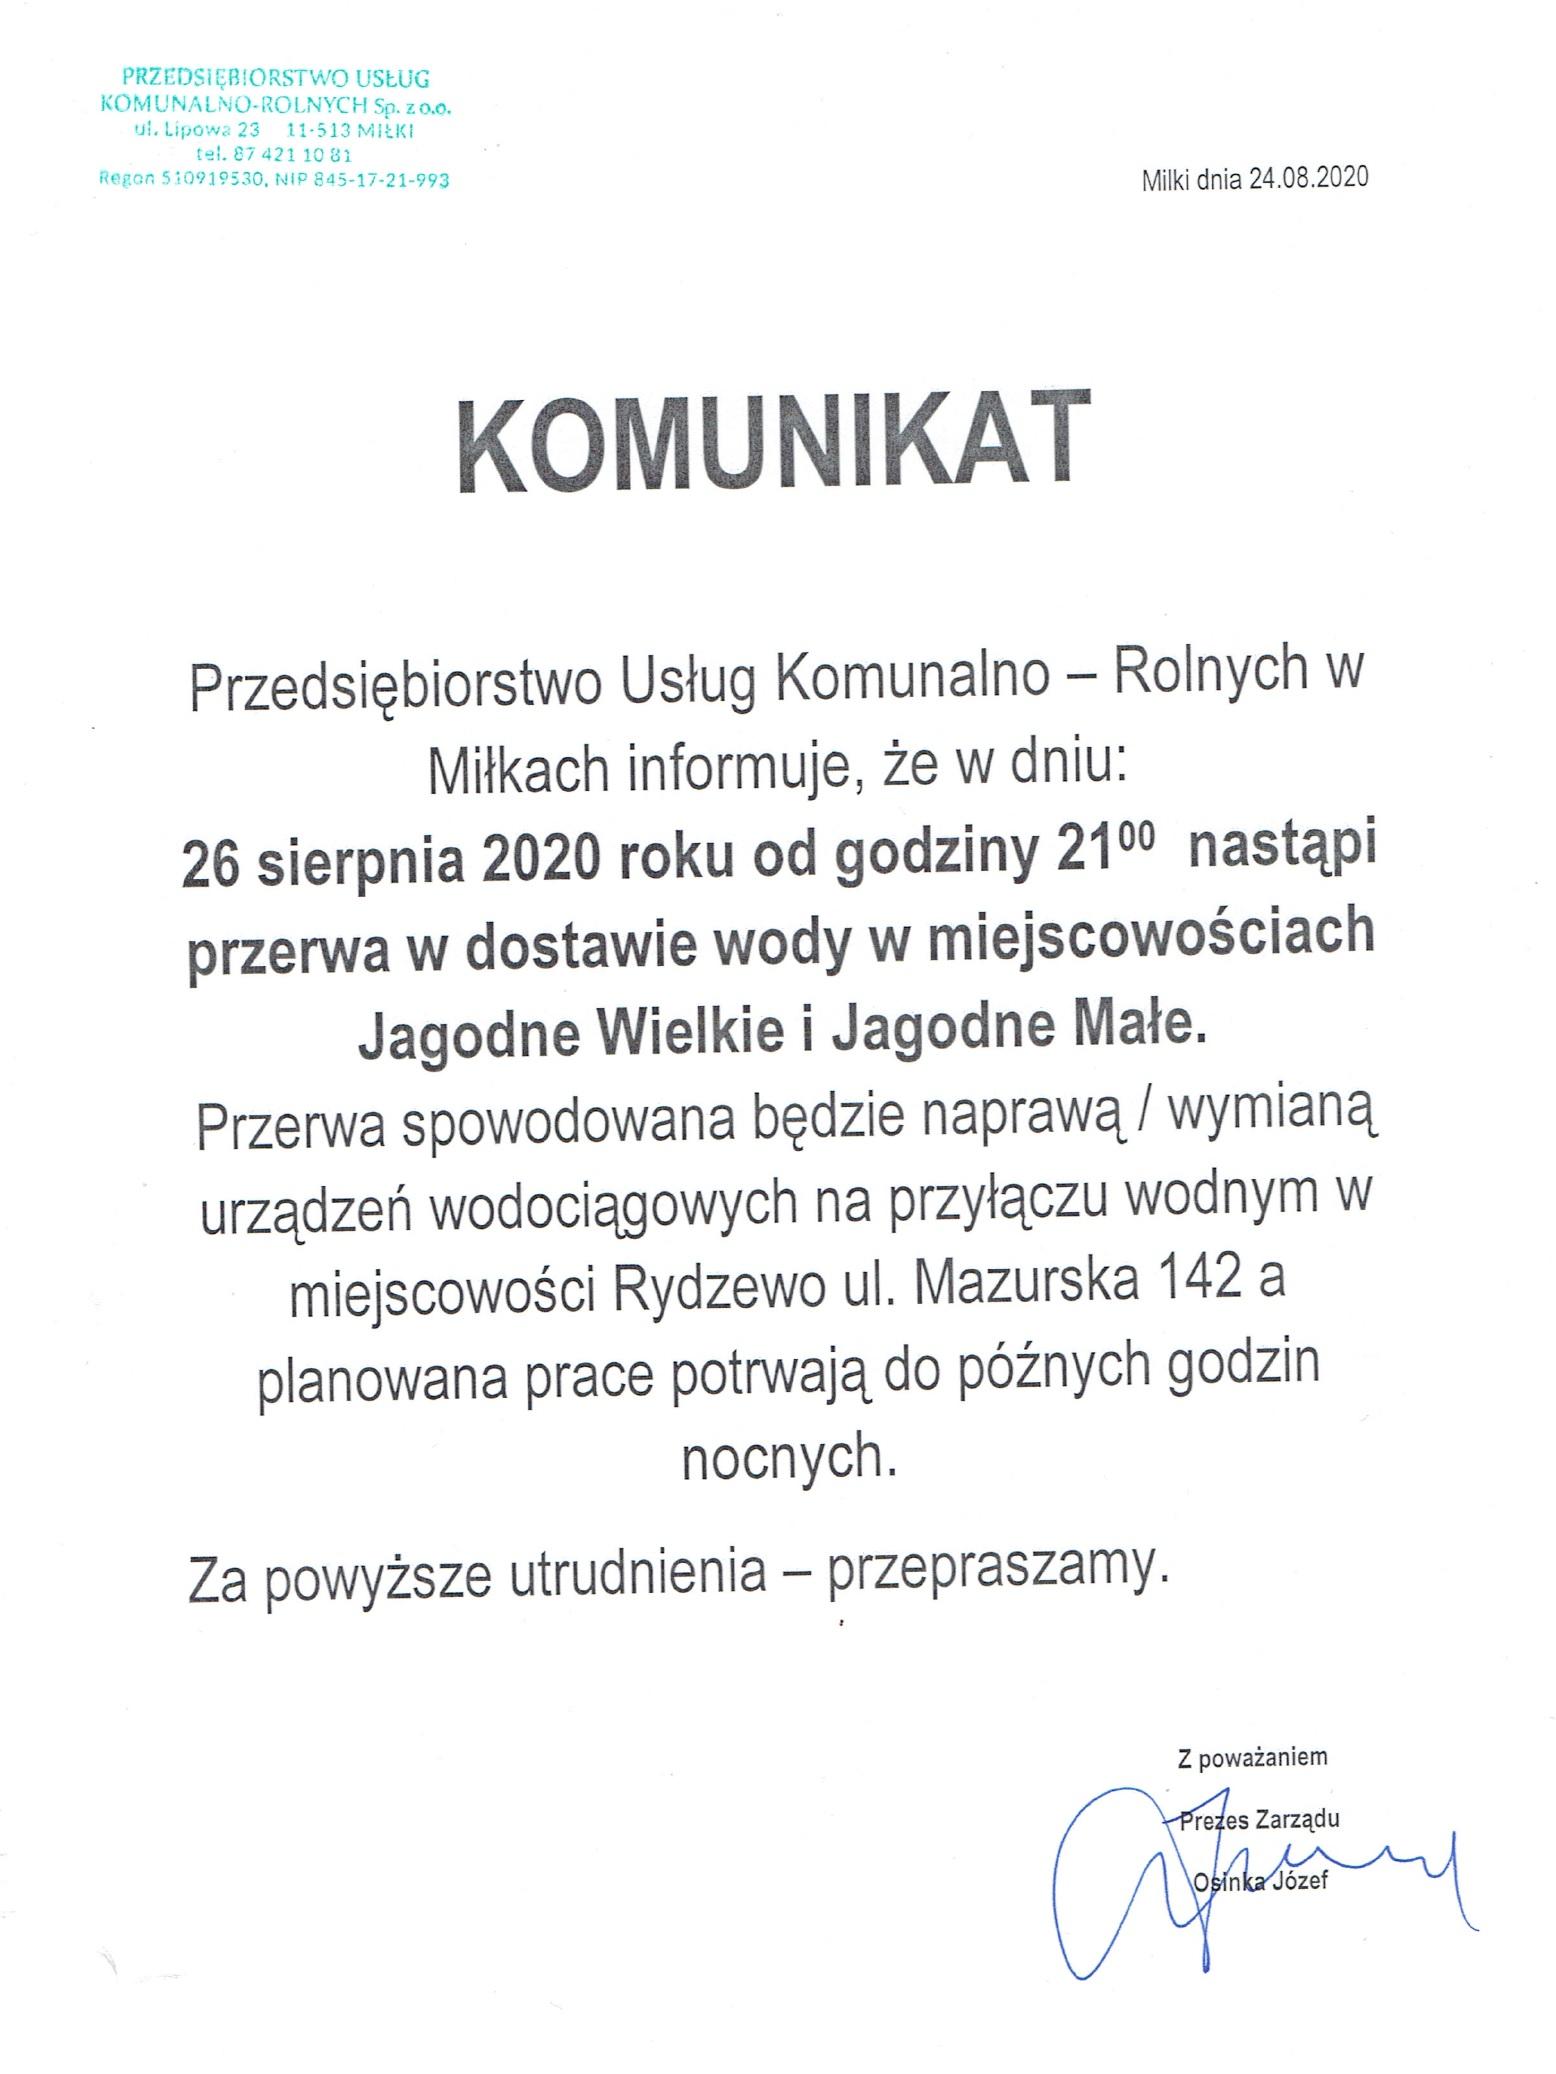 Komunikat-o-przerwie-w-dostawie-wody-VIII.2020